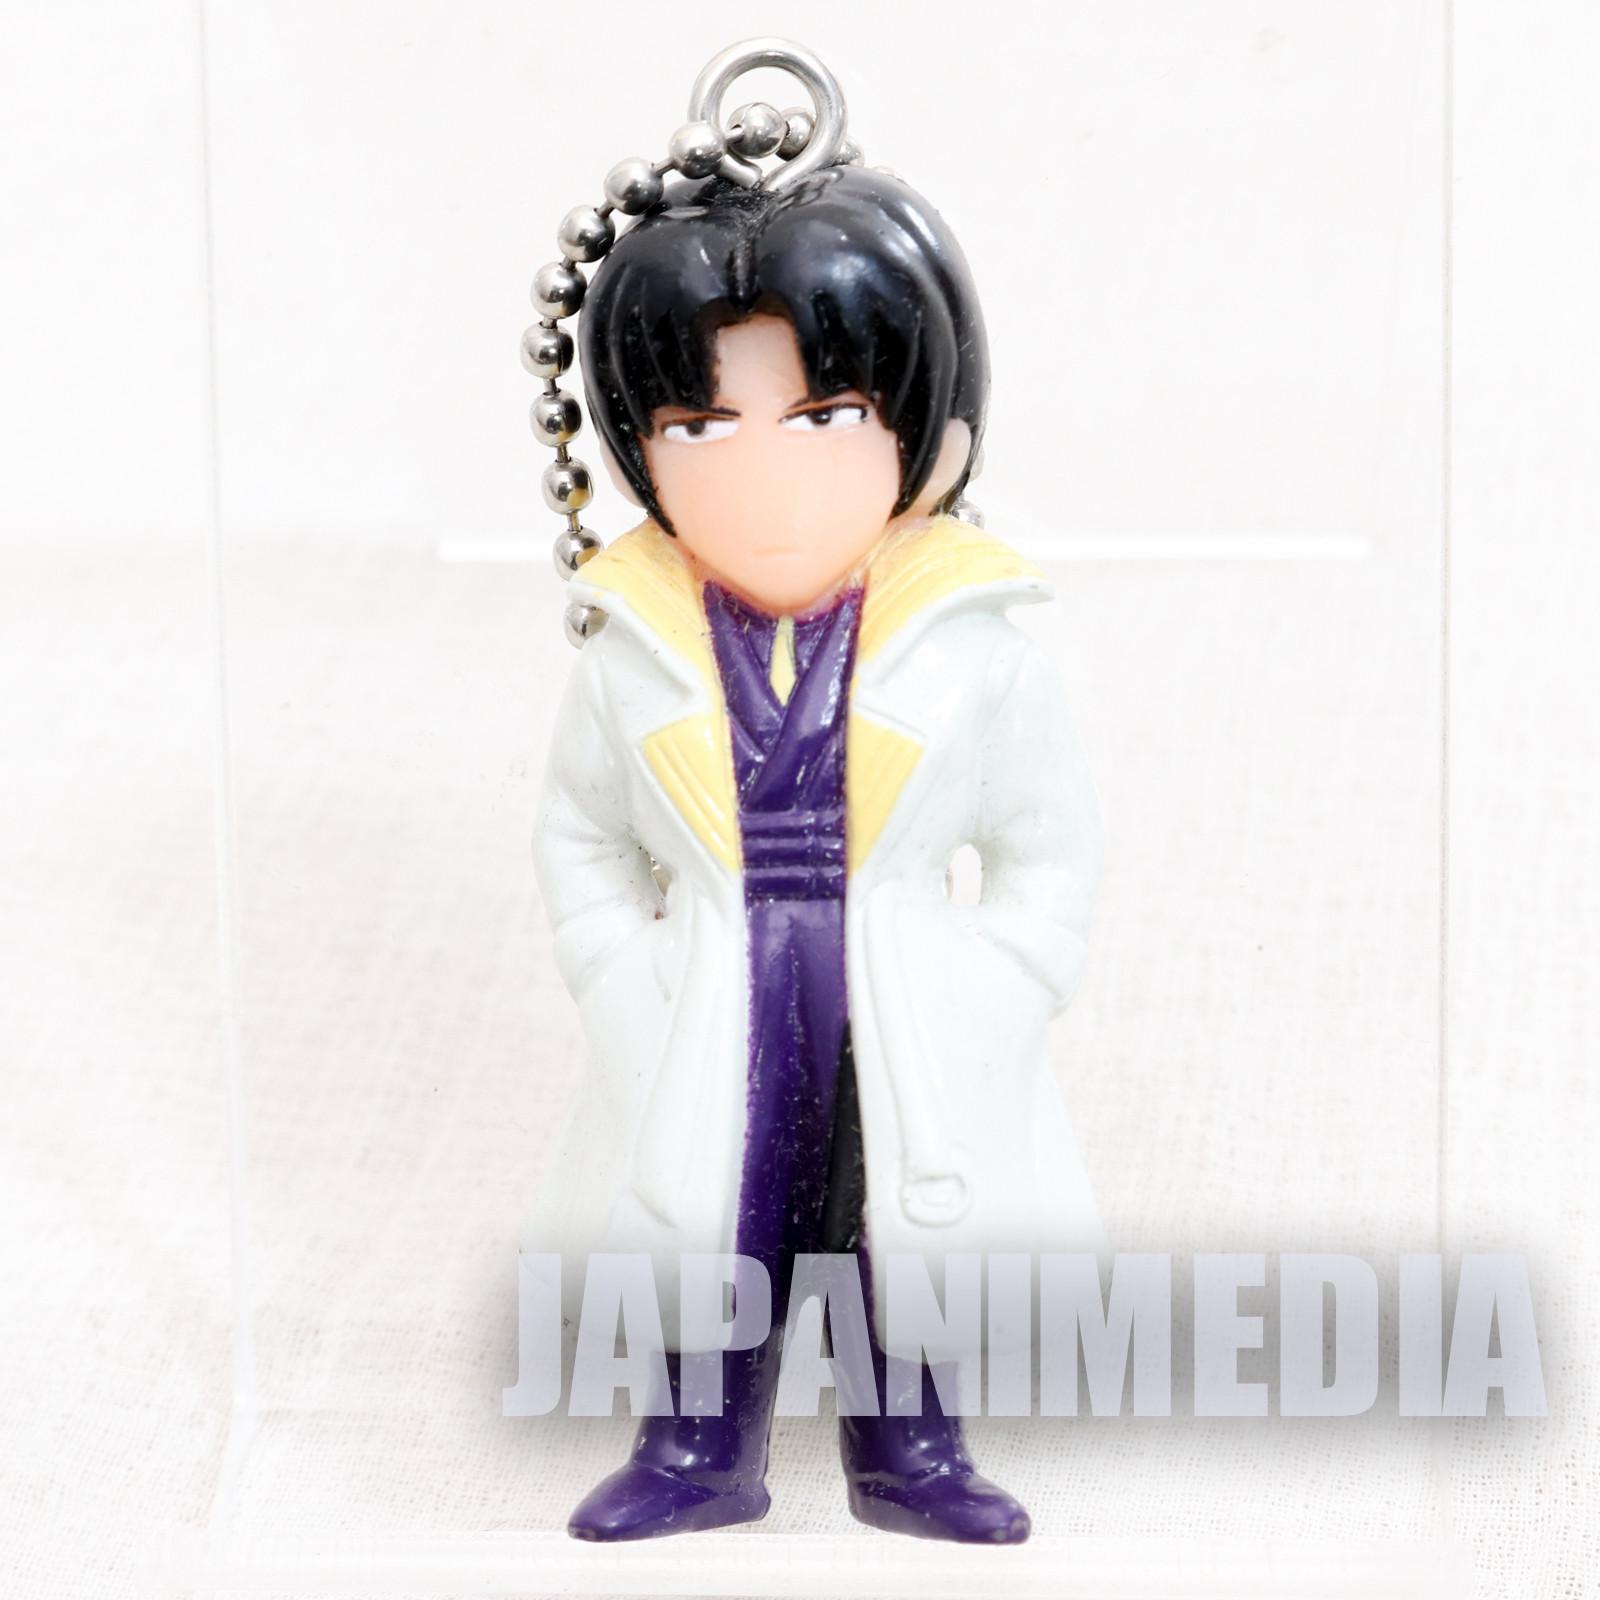 Retro RARE! Rurouni Kenshin Aoshi Shinomori Figure Ballchain JAPAN ANIME